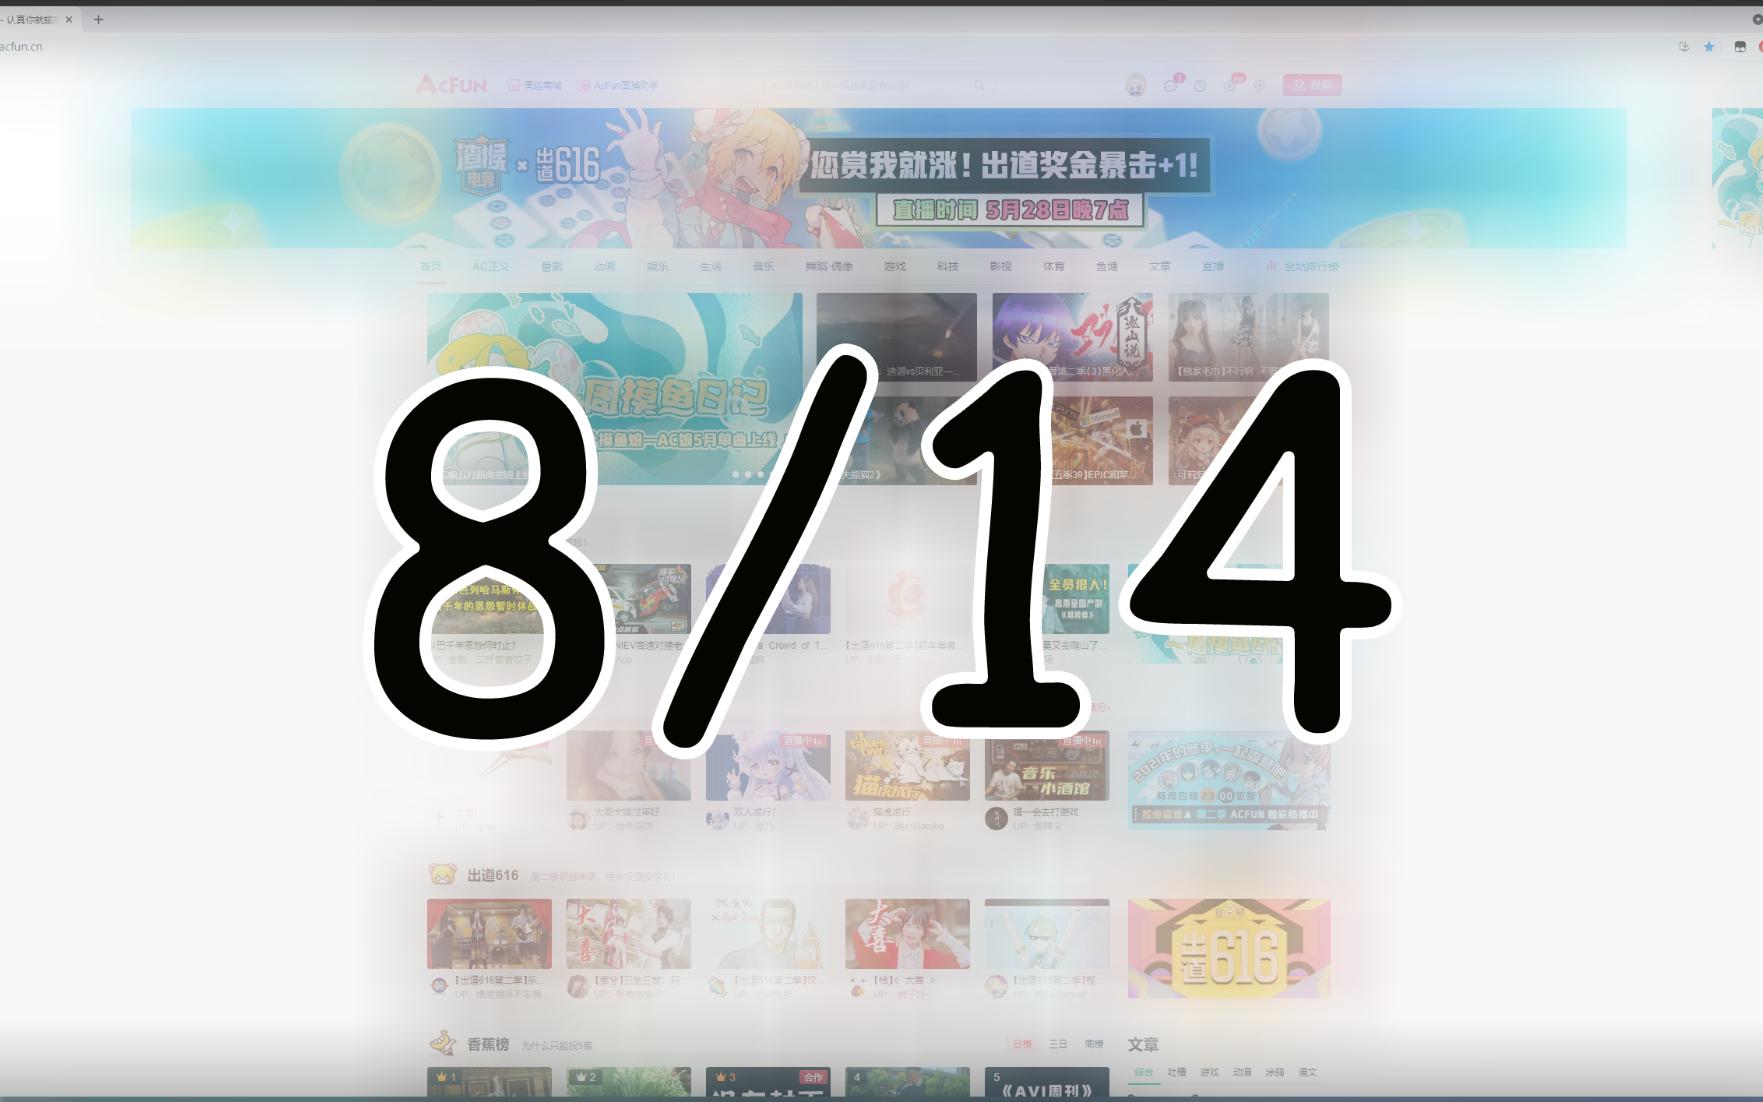 【出道616第二季】《8/14》我的8年,AcFun的14年【栉叶构造丨kushiha】